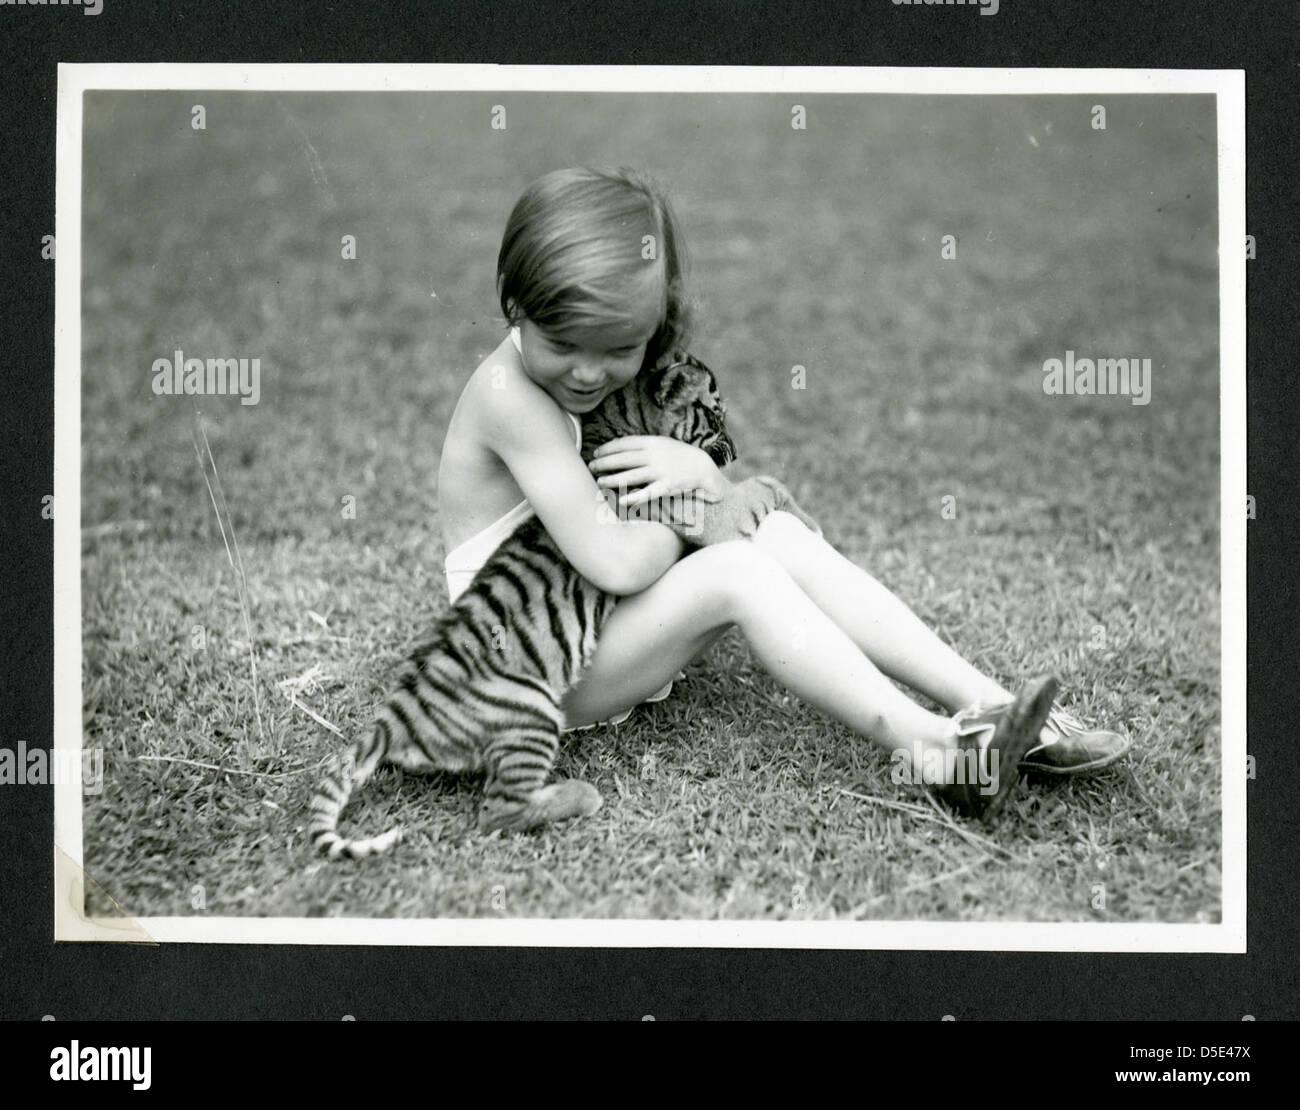 Nicht Identifizierte Kind Mit Tiger Cub Fotografierte Während Des